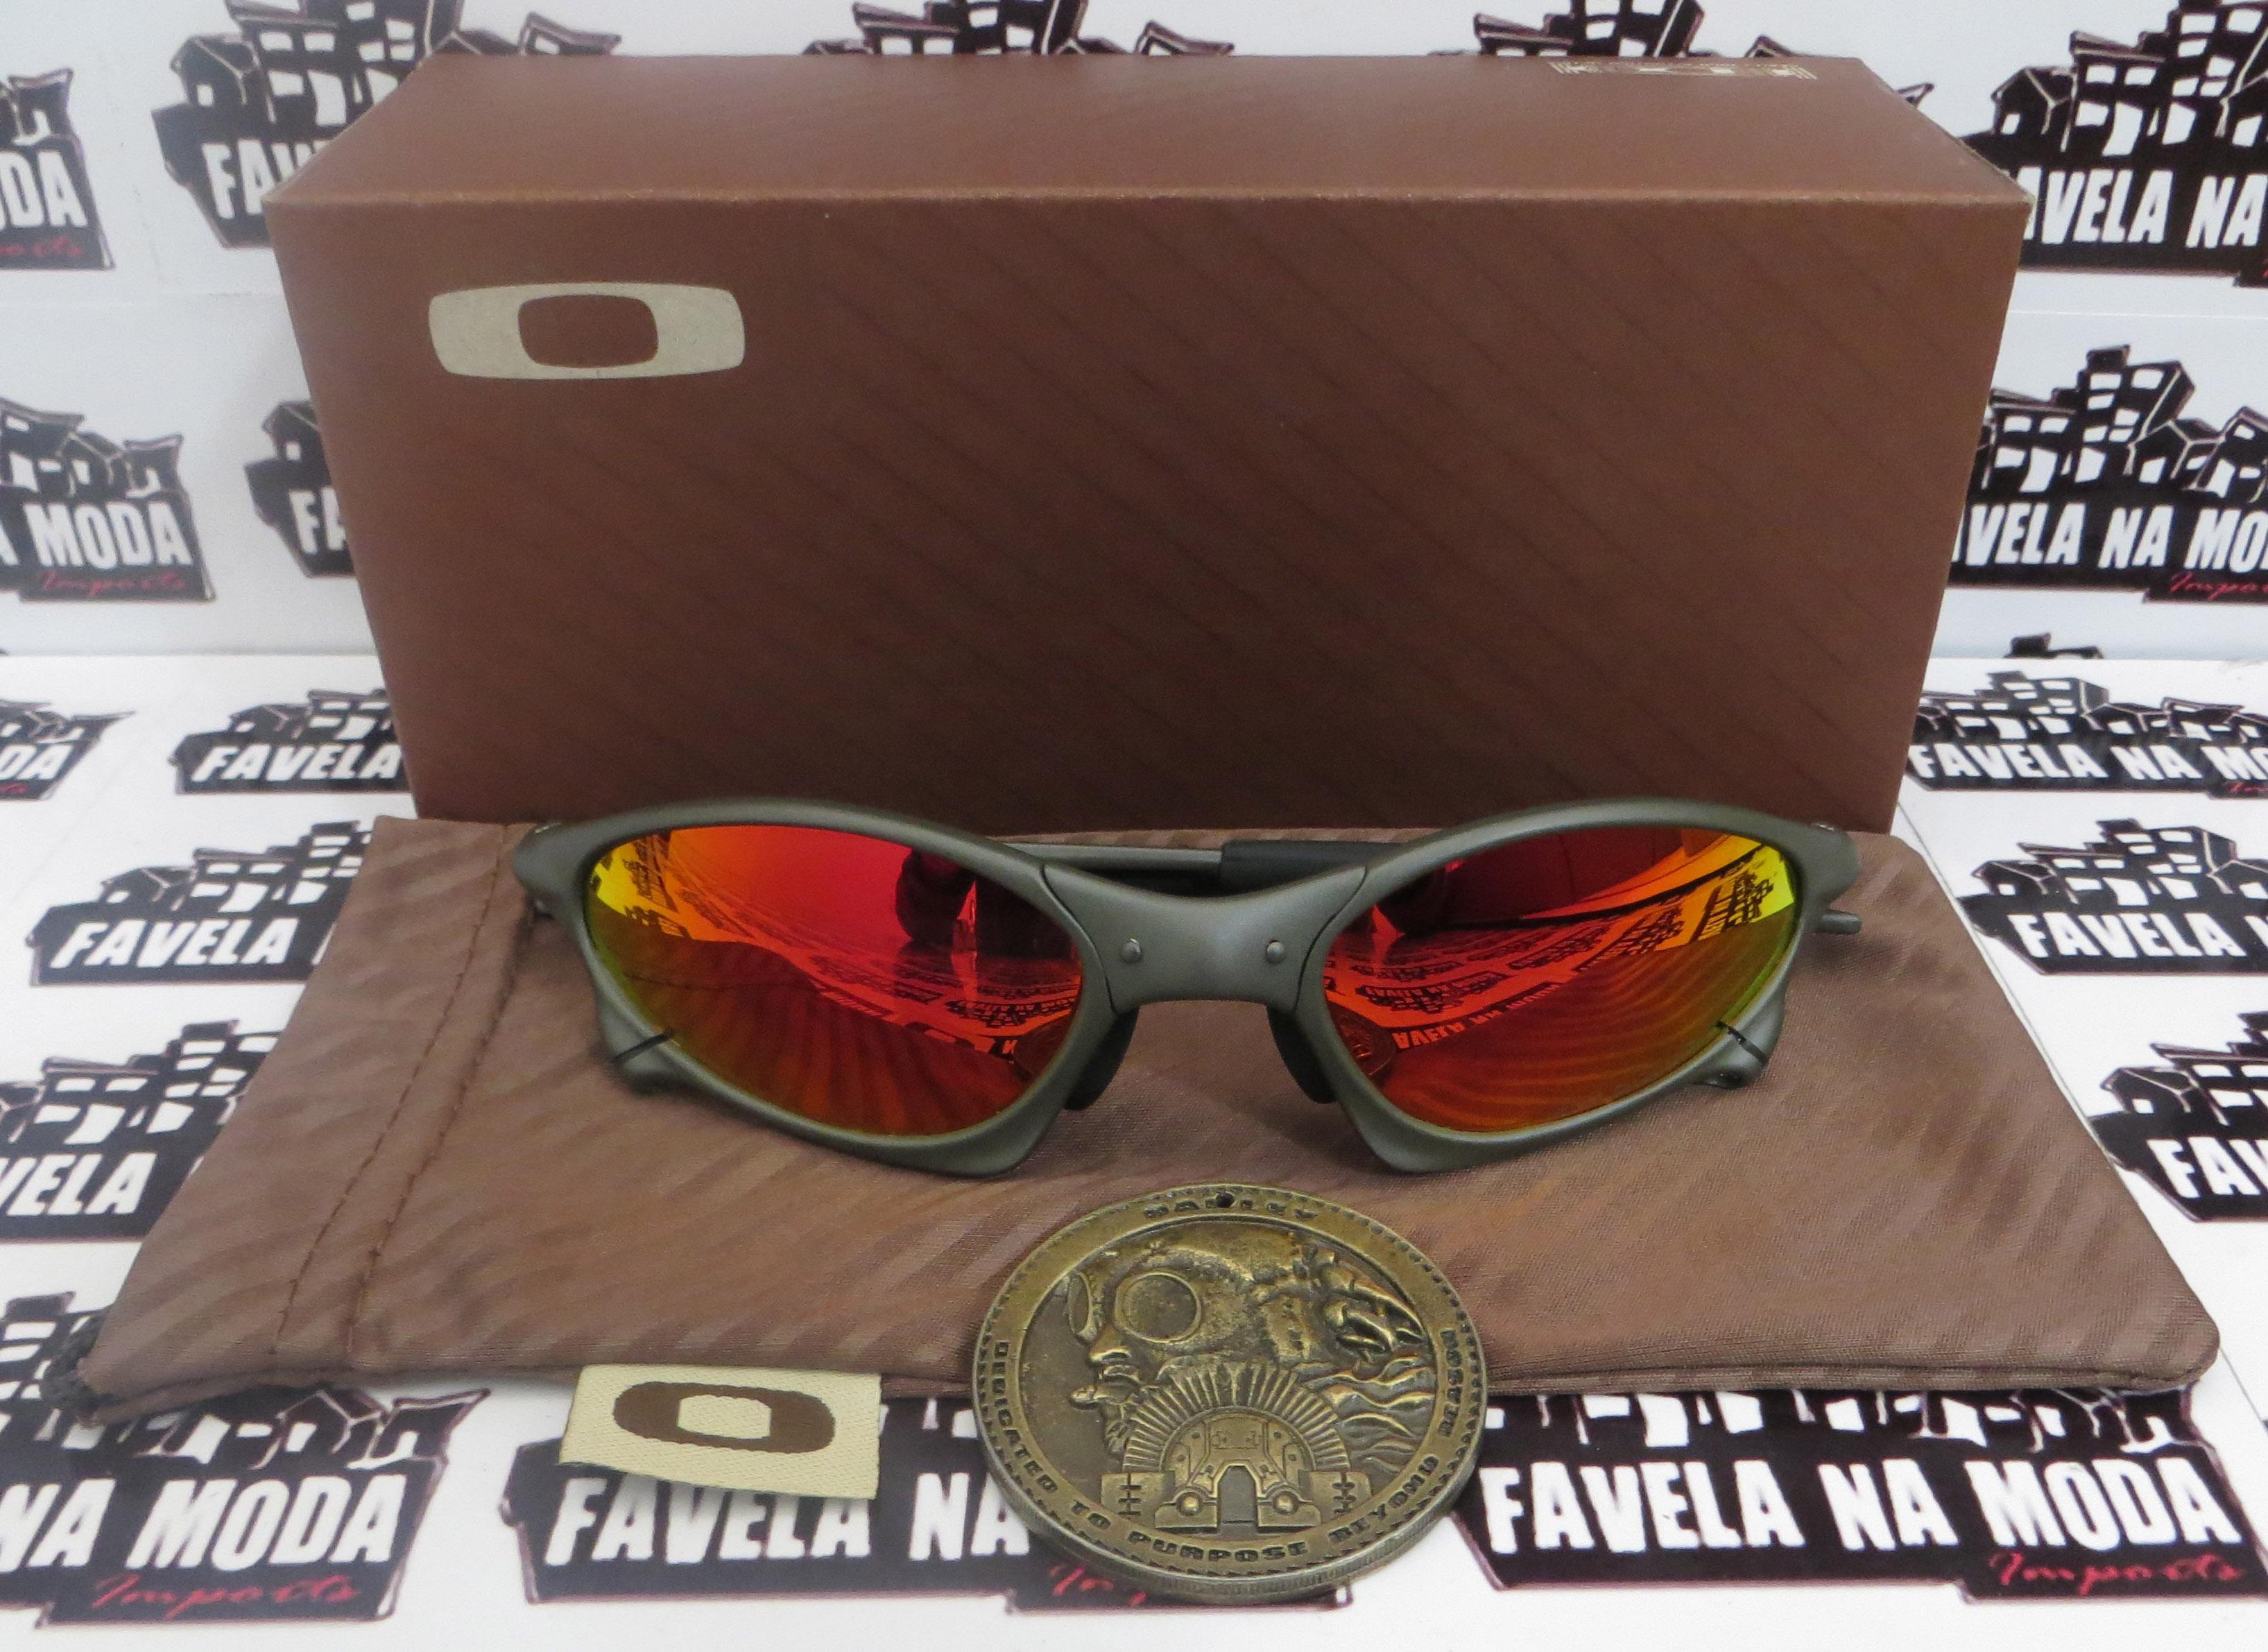 1ab721f018d03 Óculos Oakley Penny - X-metal   Dark Ruby   Borrachas Pretas ...